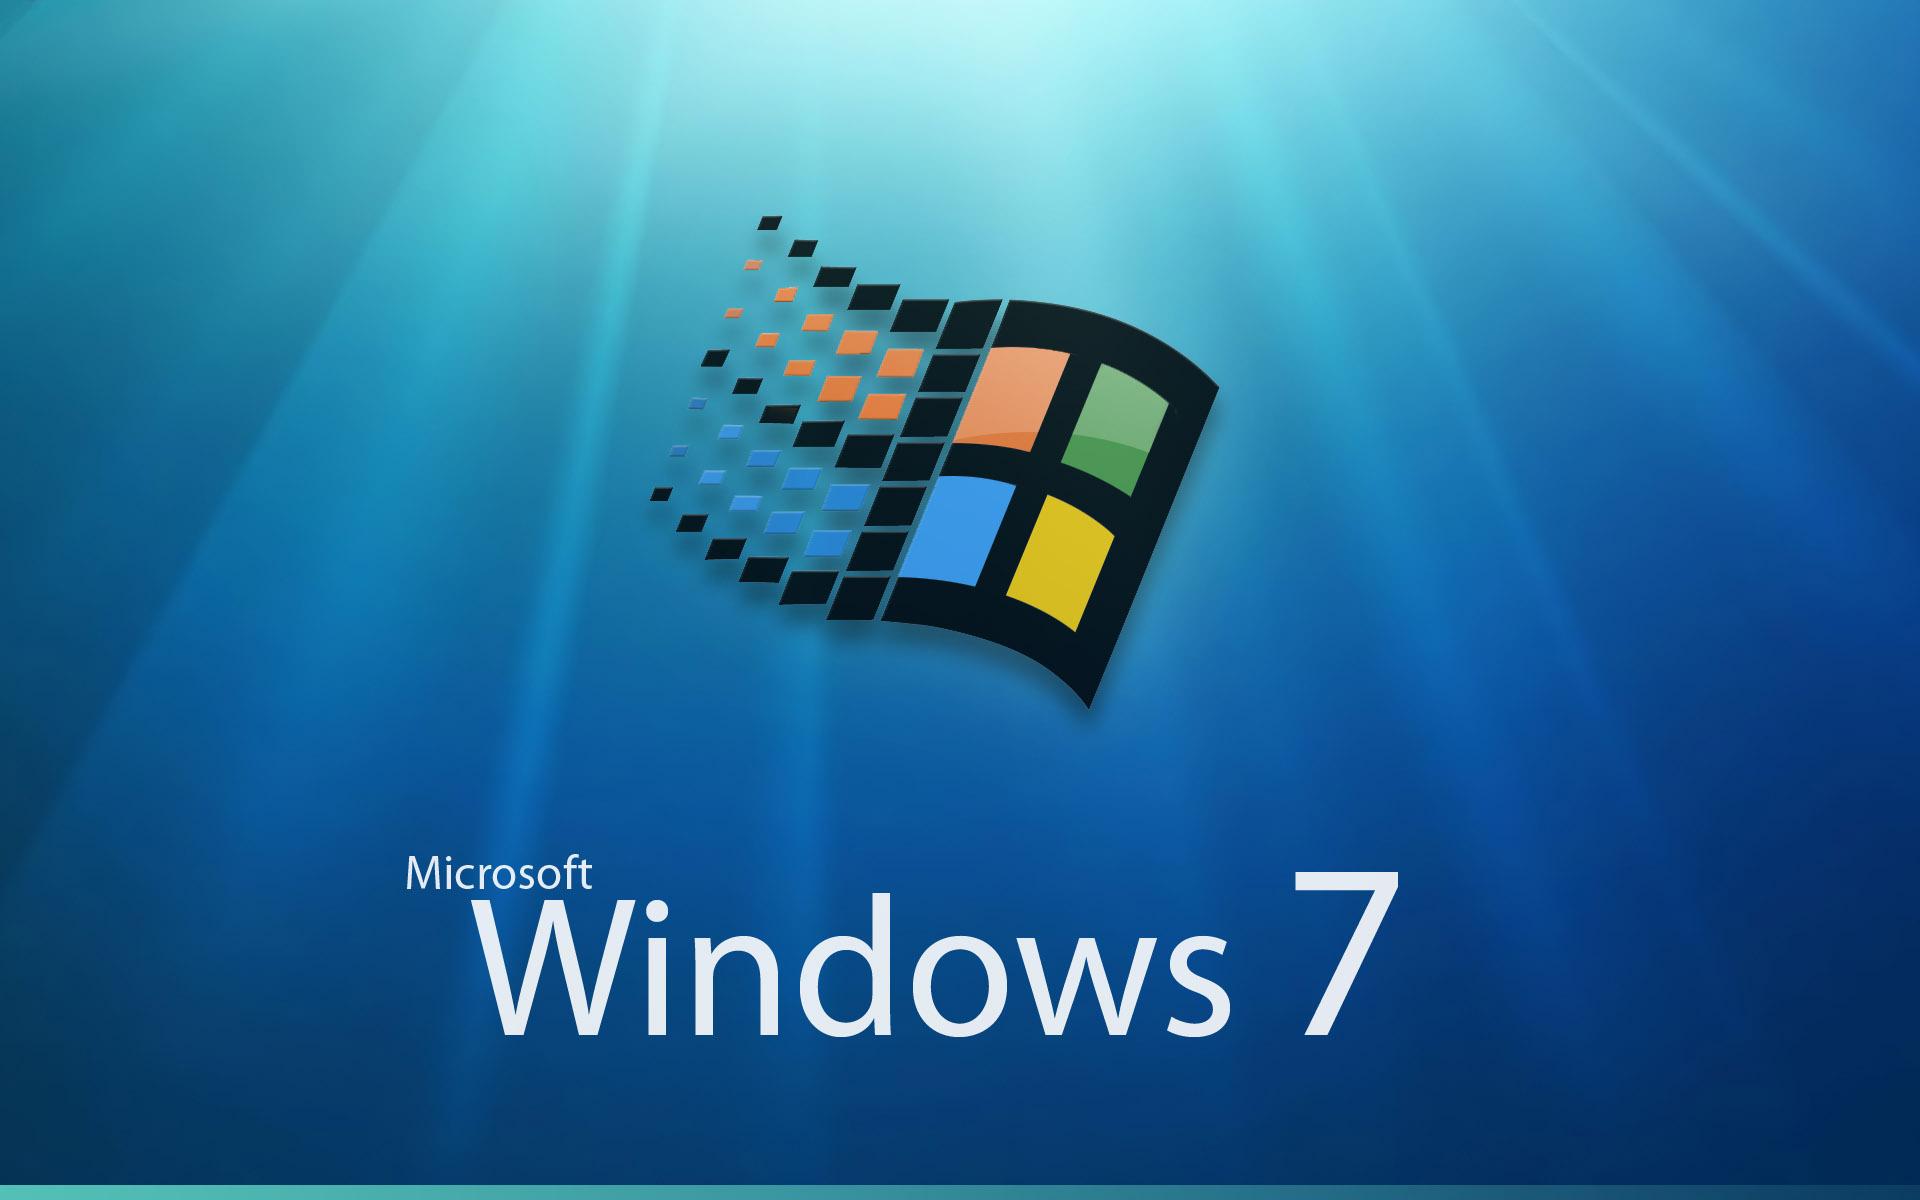 Обзор и сравнение средств для оптимизации работы Windows 7